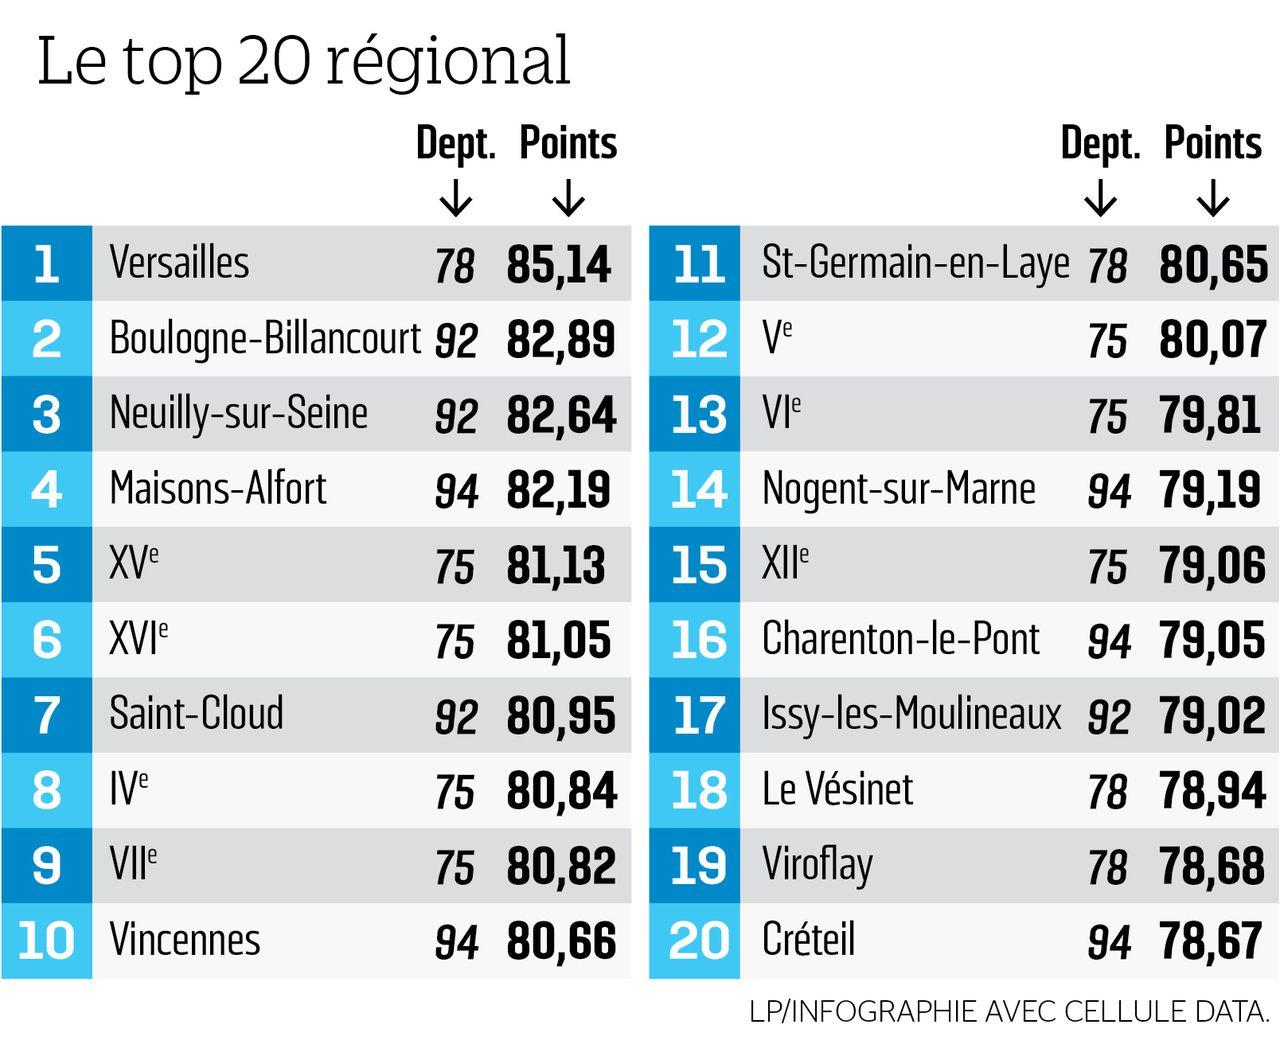 Notre Palmarès Des Villes D'ile-De-France Où Il Fait Bon concernant Ile De France Département Numéro